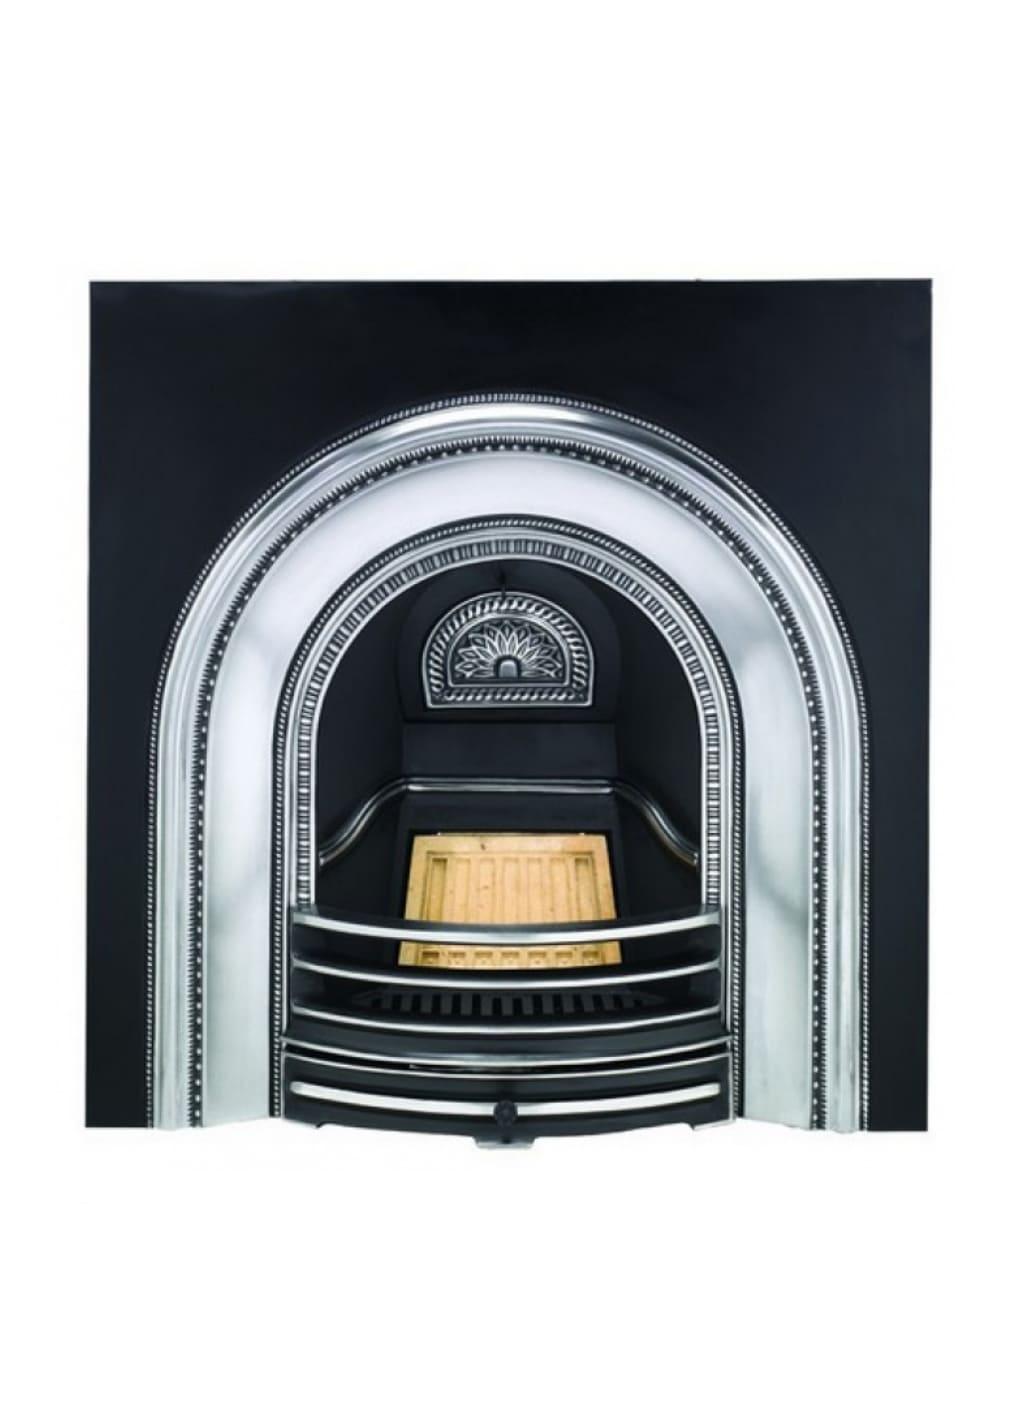 Топка Decorative Arched - частичная полировка